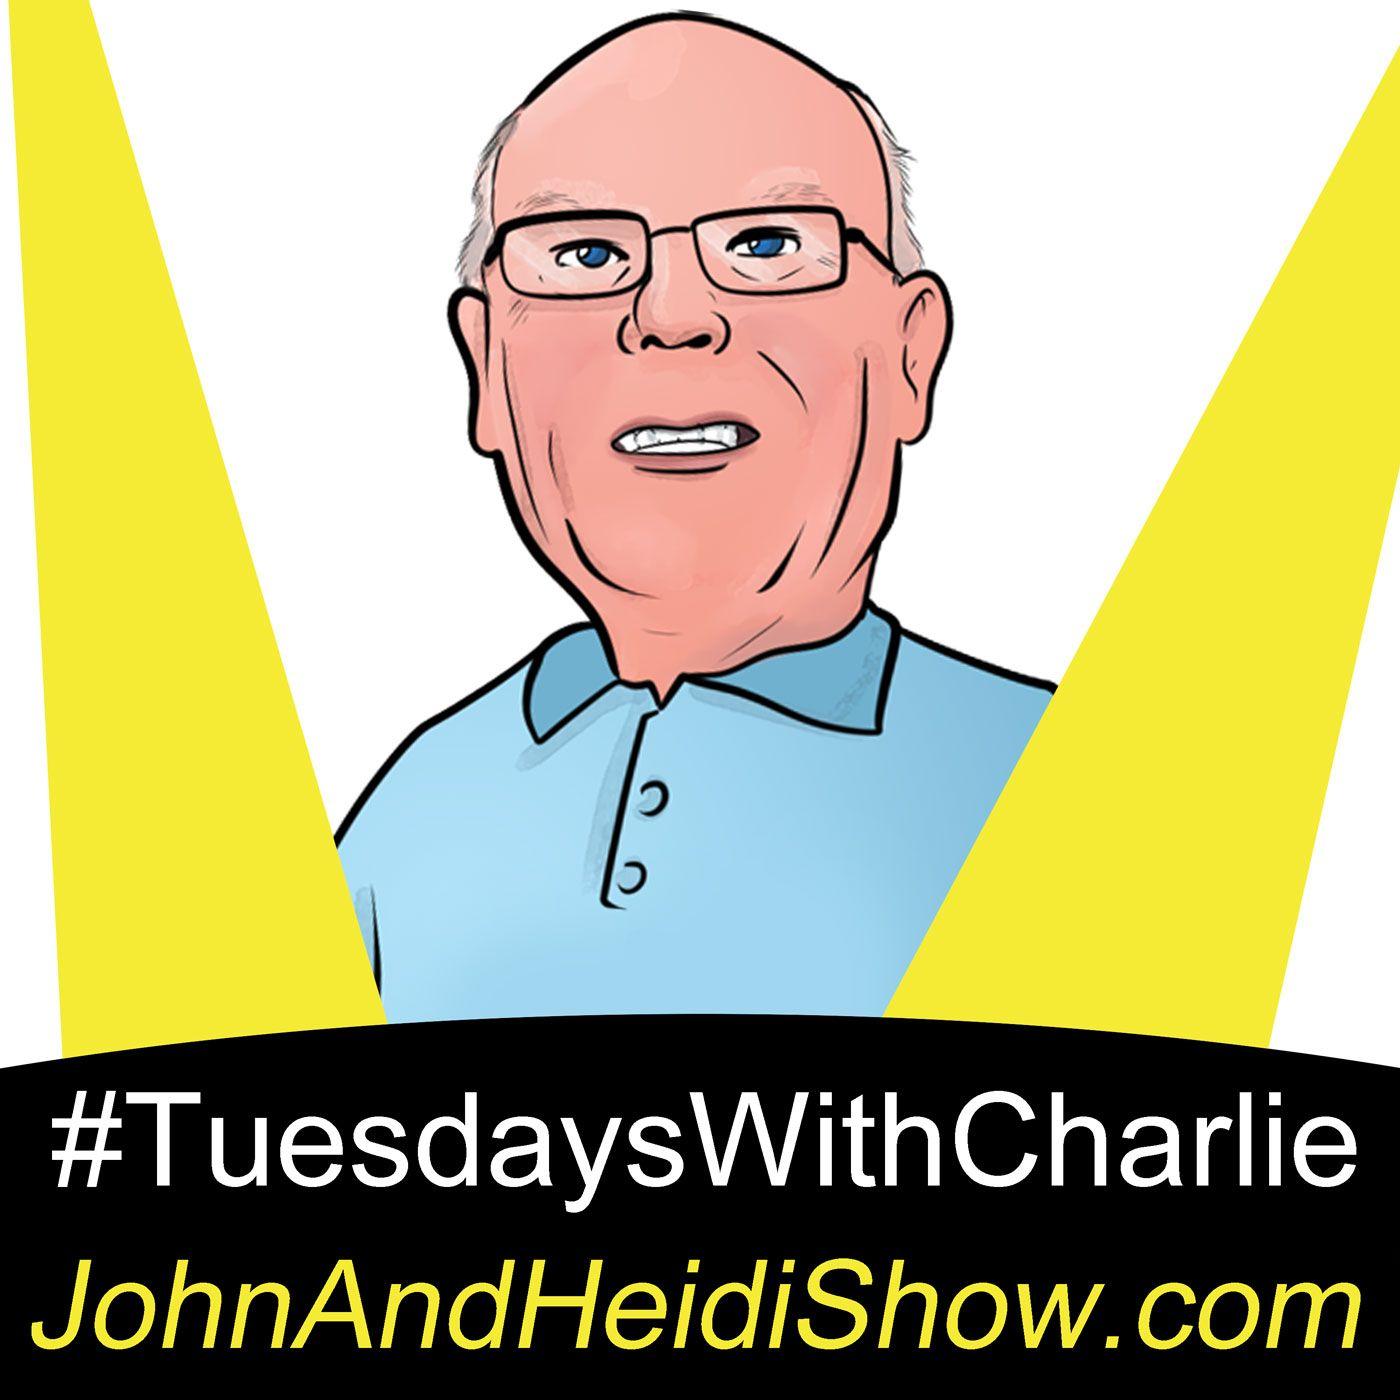 09-29-20-John And Heidi Show-TuesdaysWithCharlie